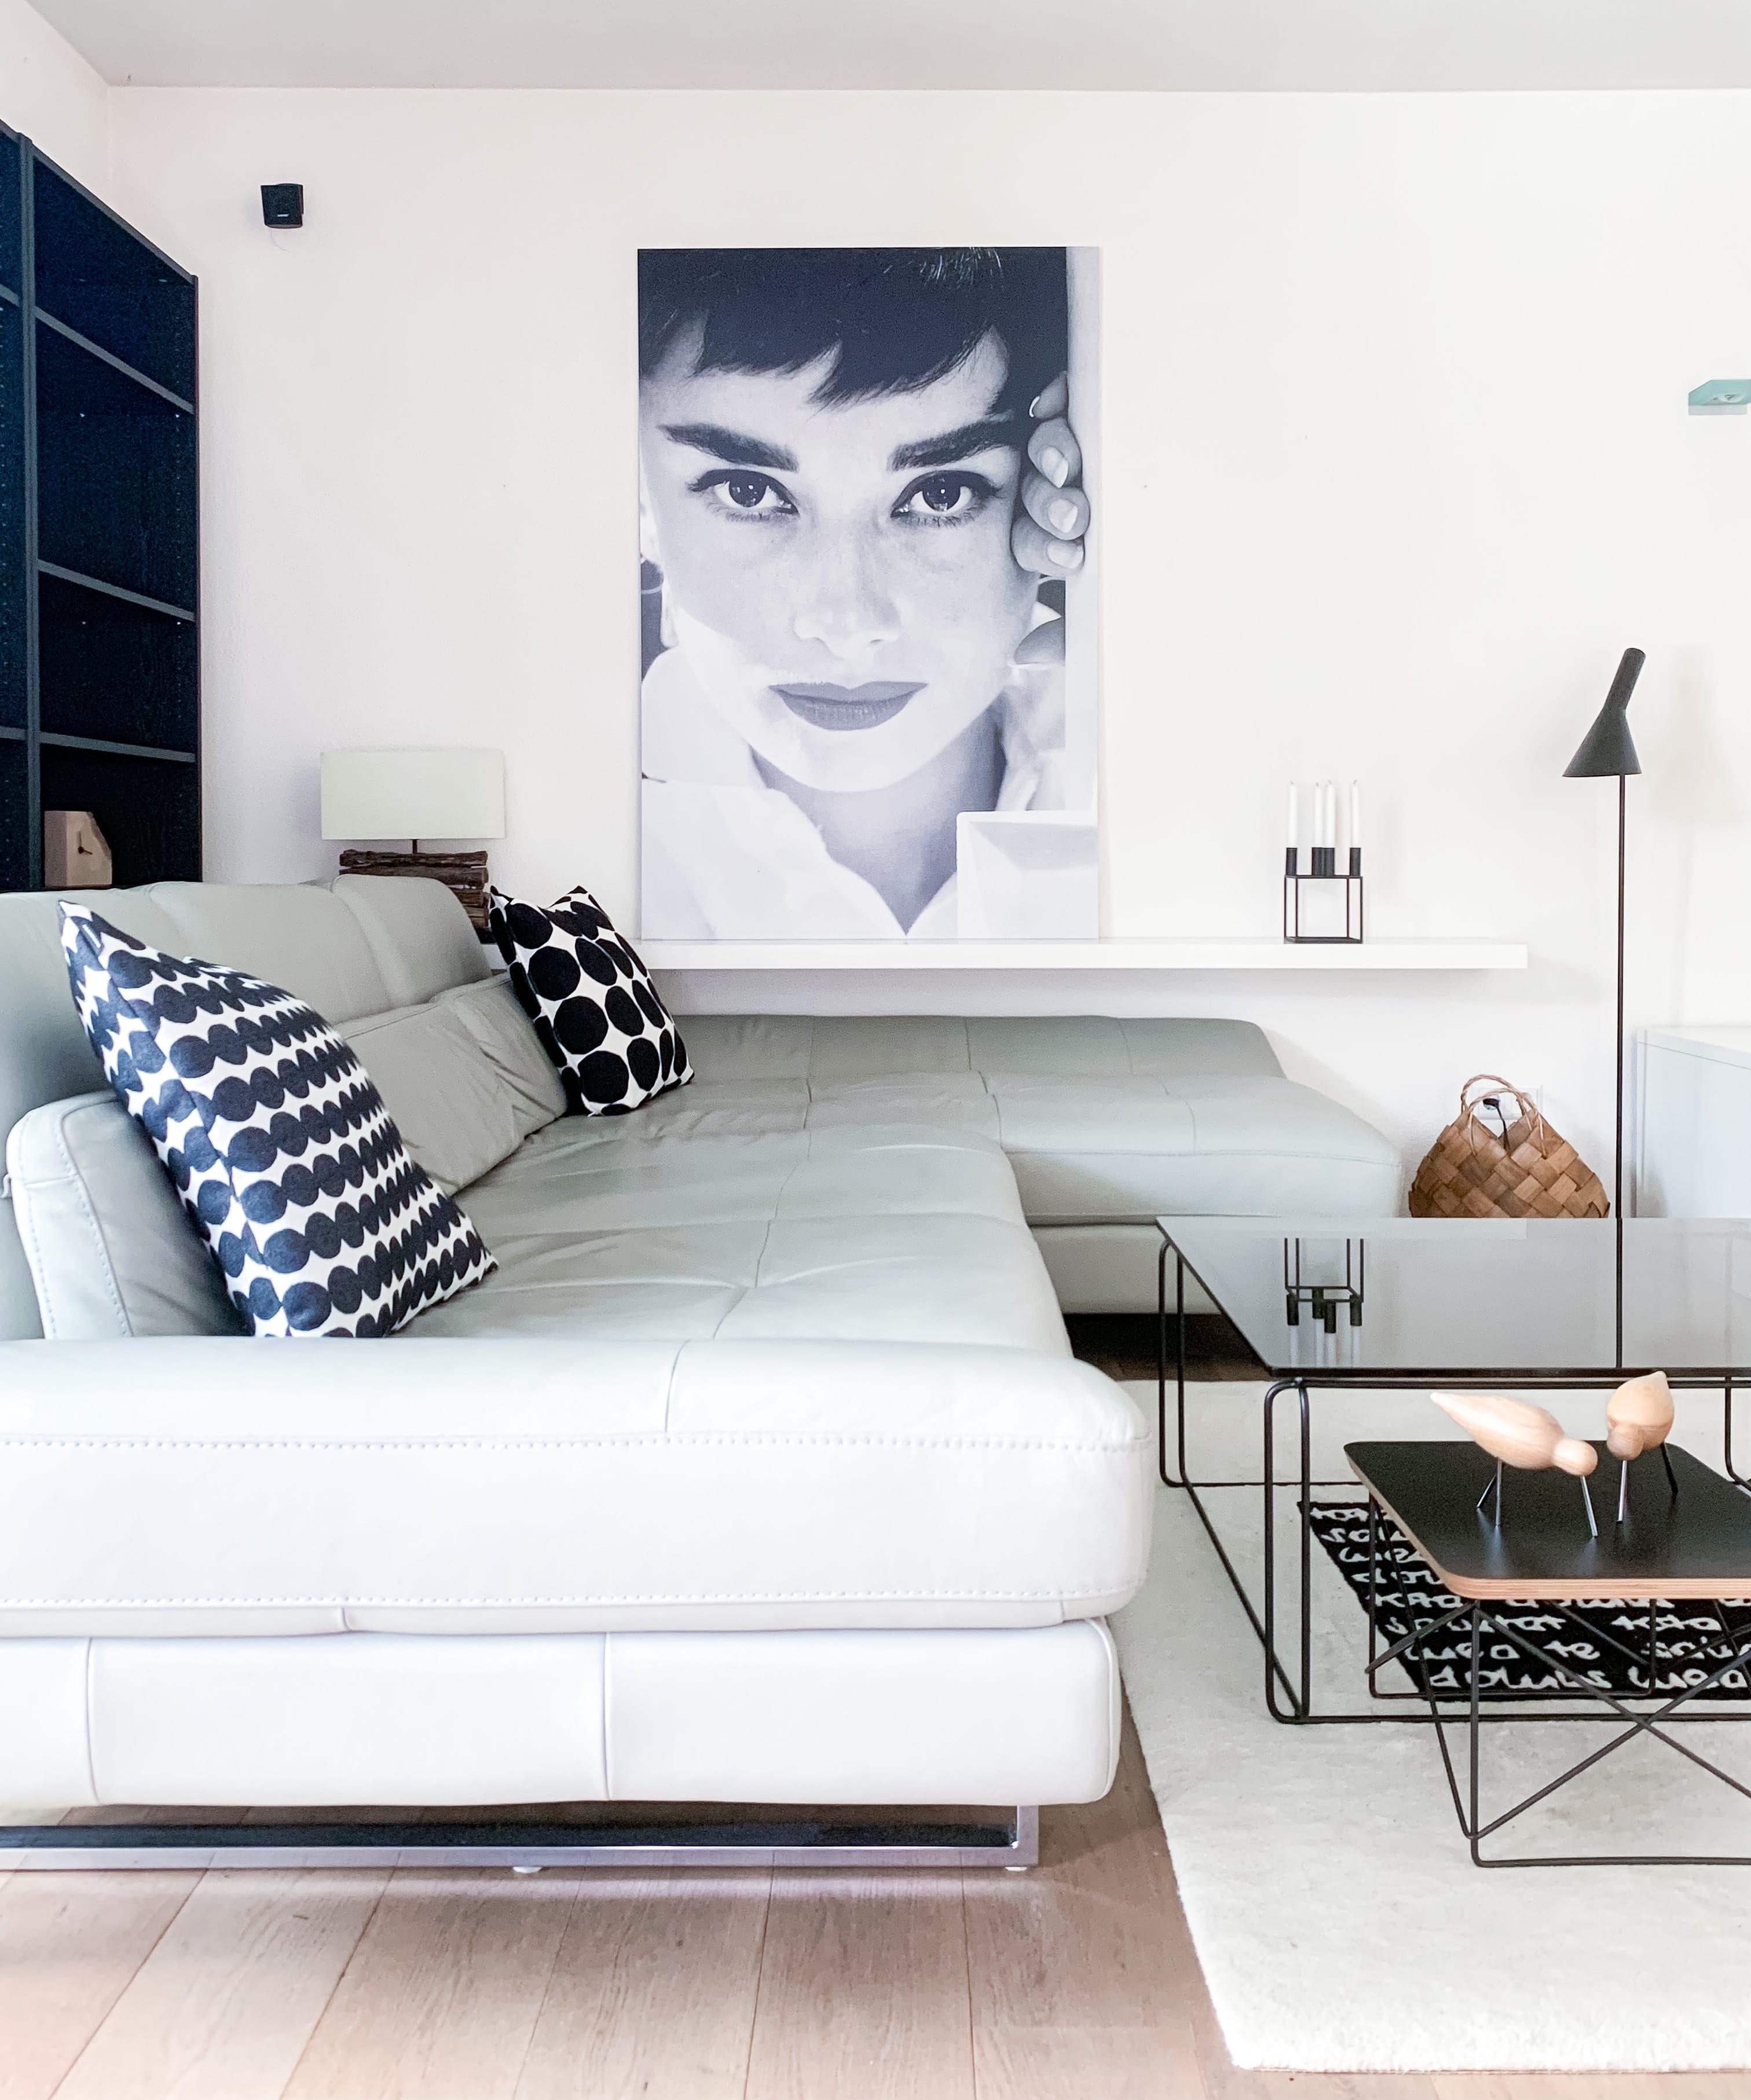 Homestory - Bei Lesern Zuhause - Homestory: Leben mit Sabine mit Einflüssen aus Frankreich und Skandinavien- so geht's einfach Desmondo dein online Magazin und Shop